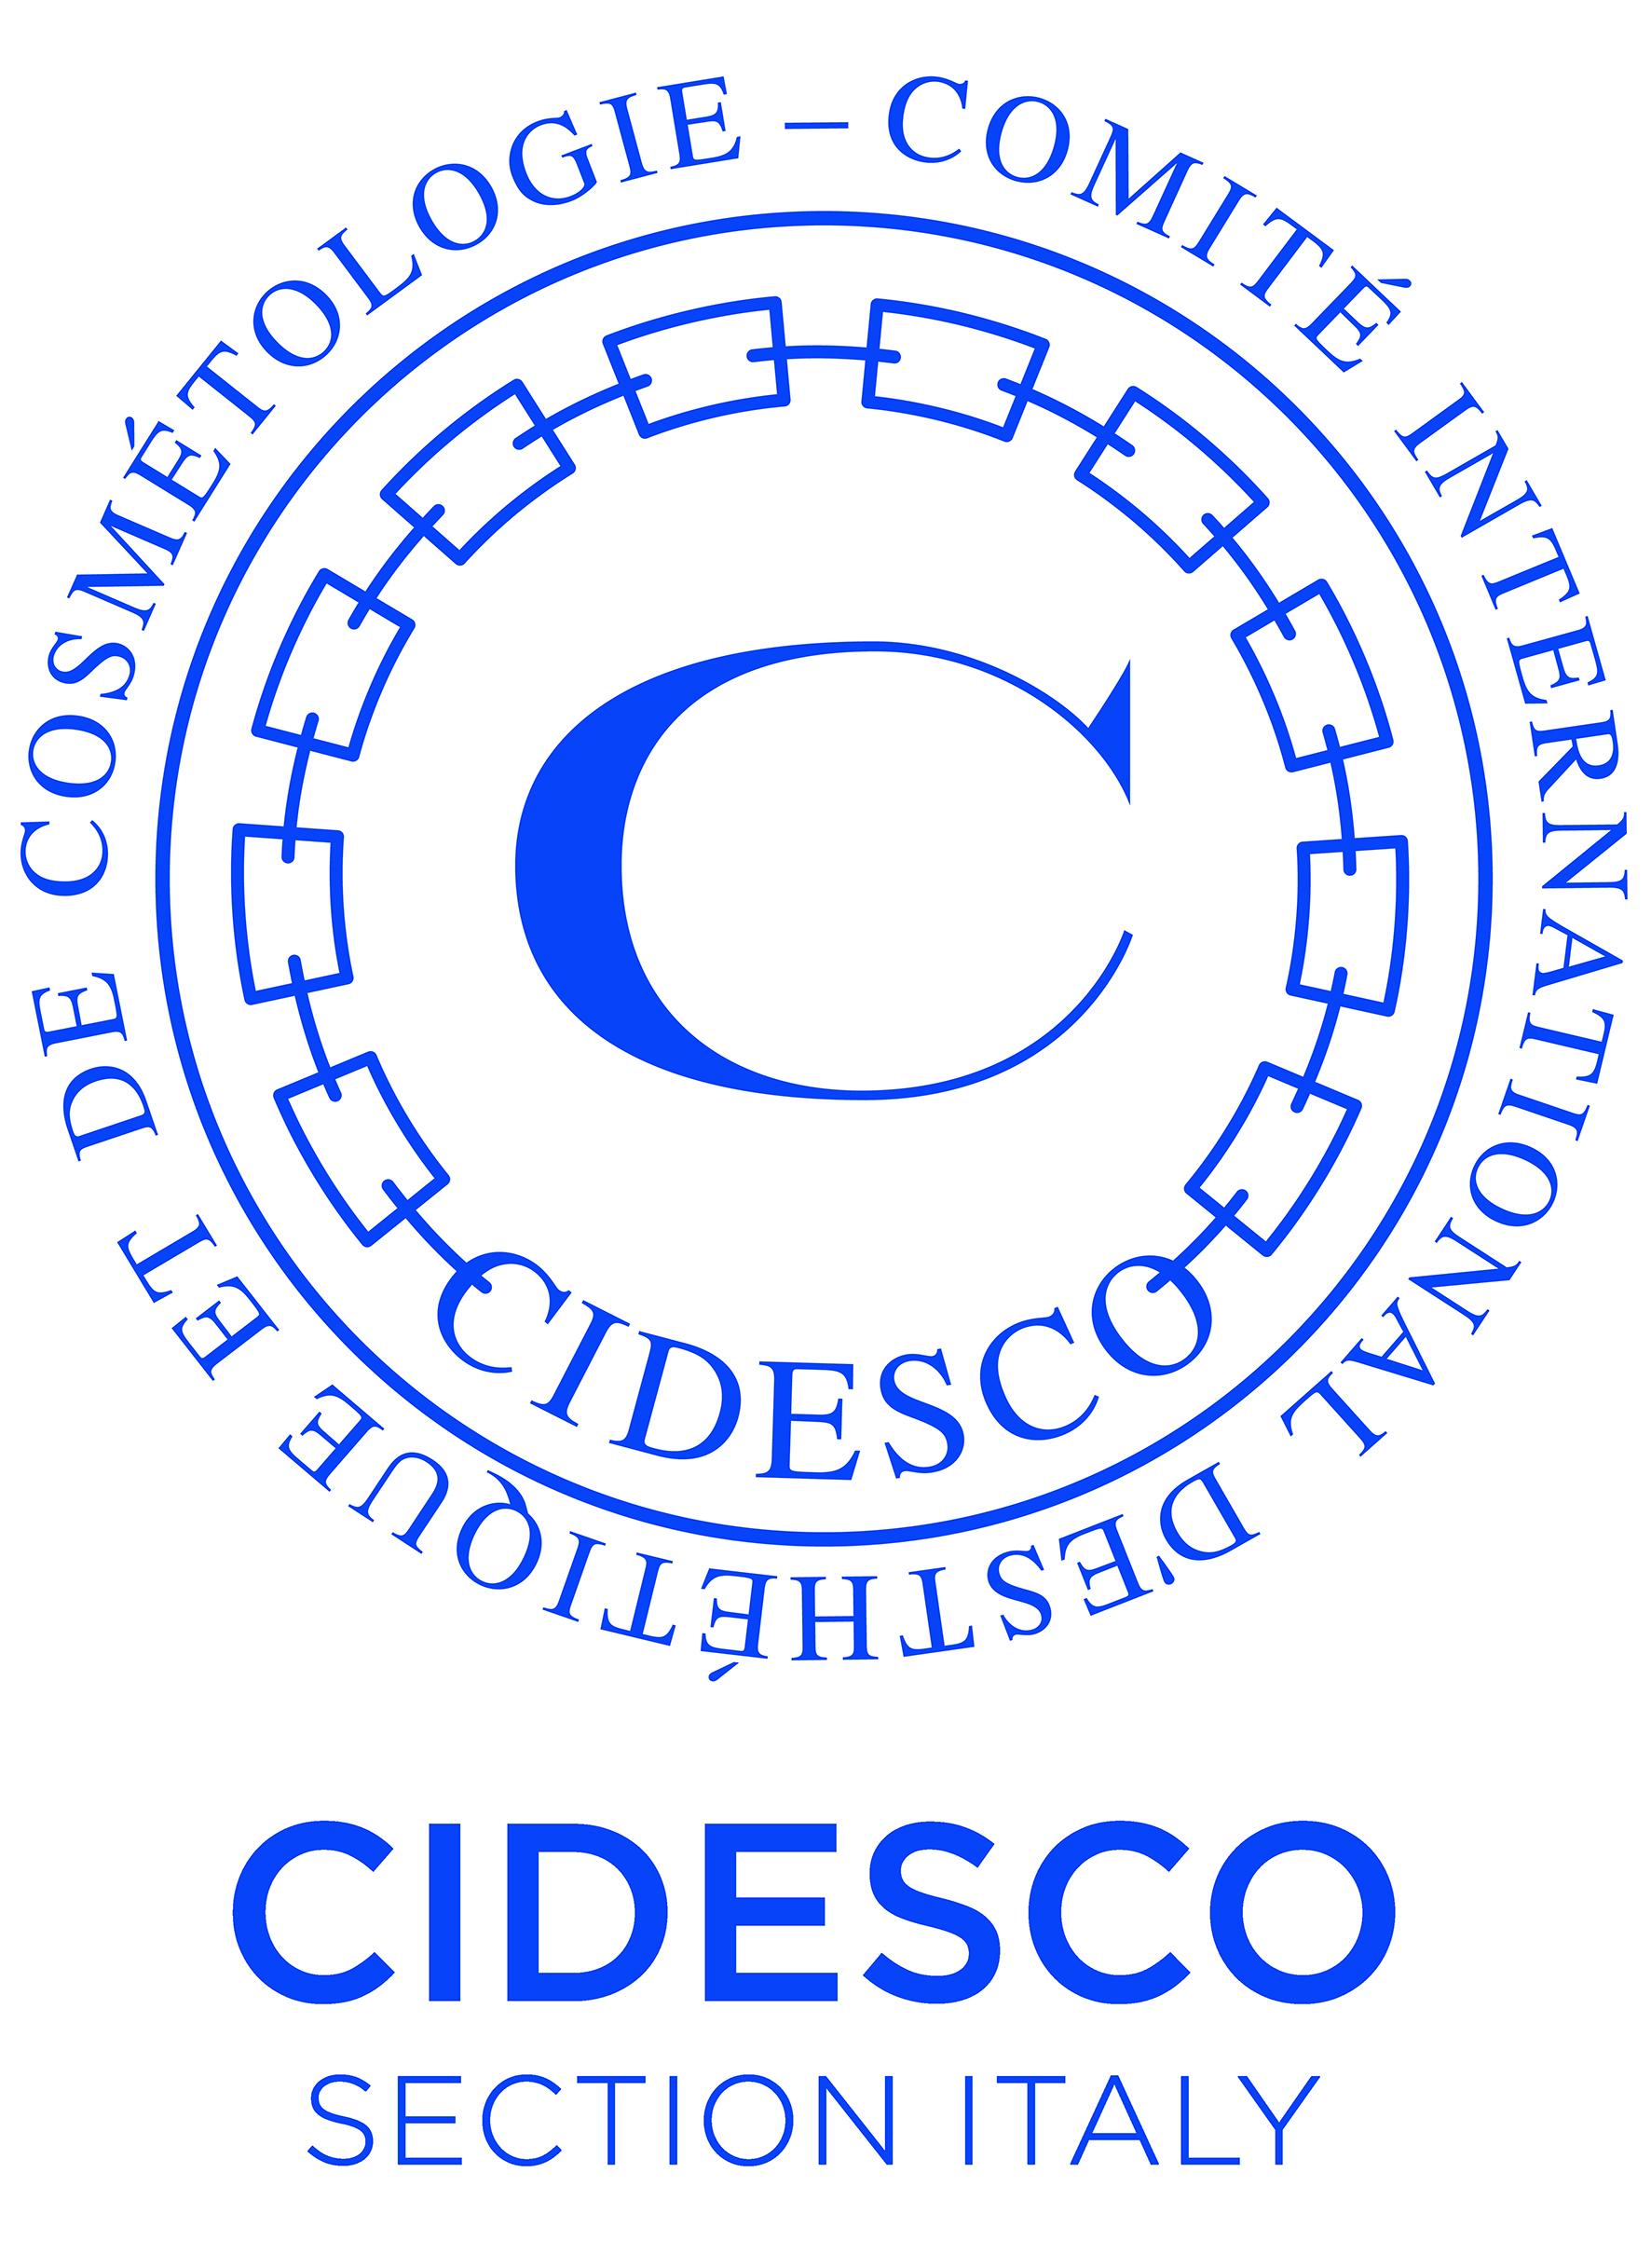 CIDESCO ITALIA .